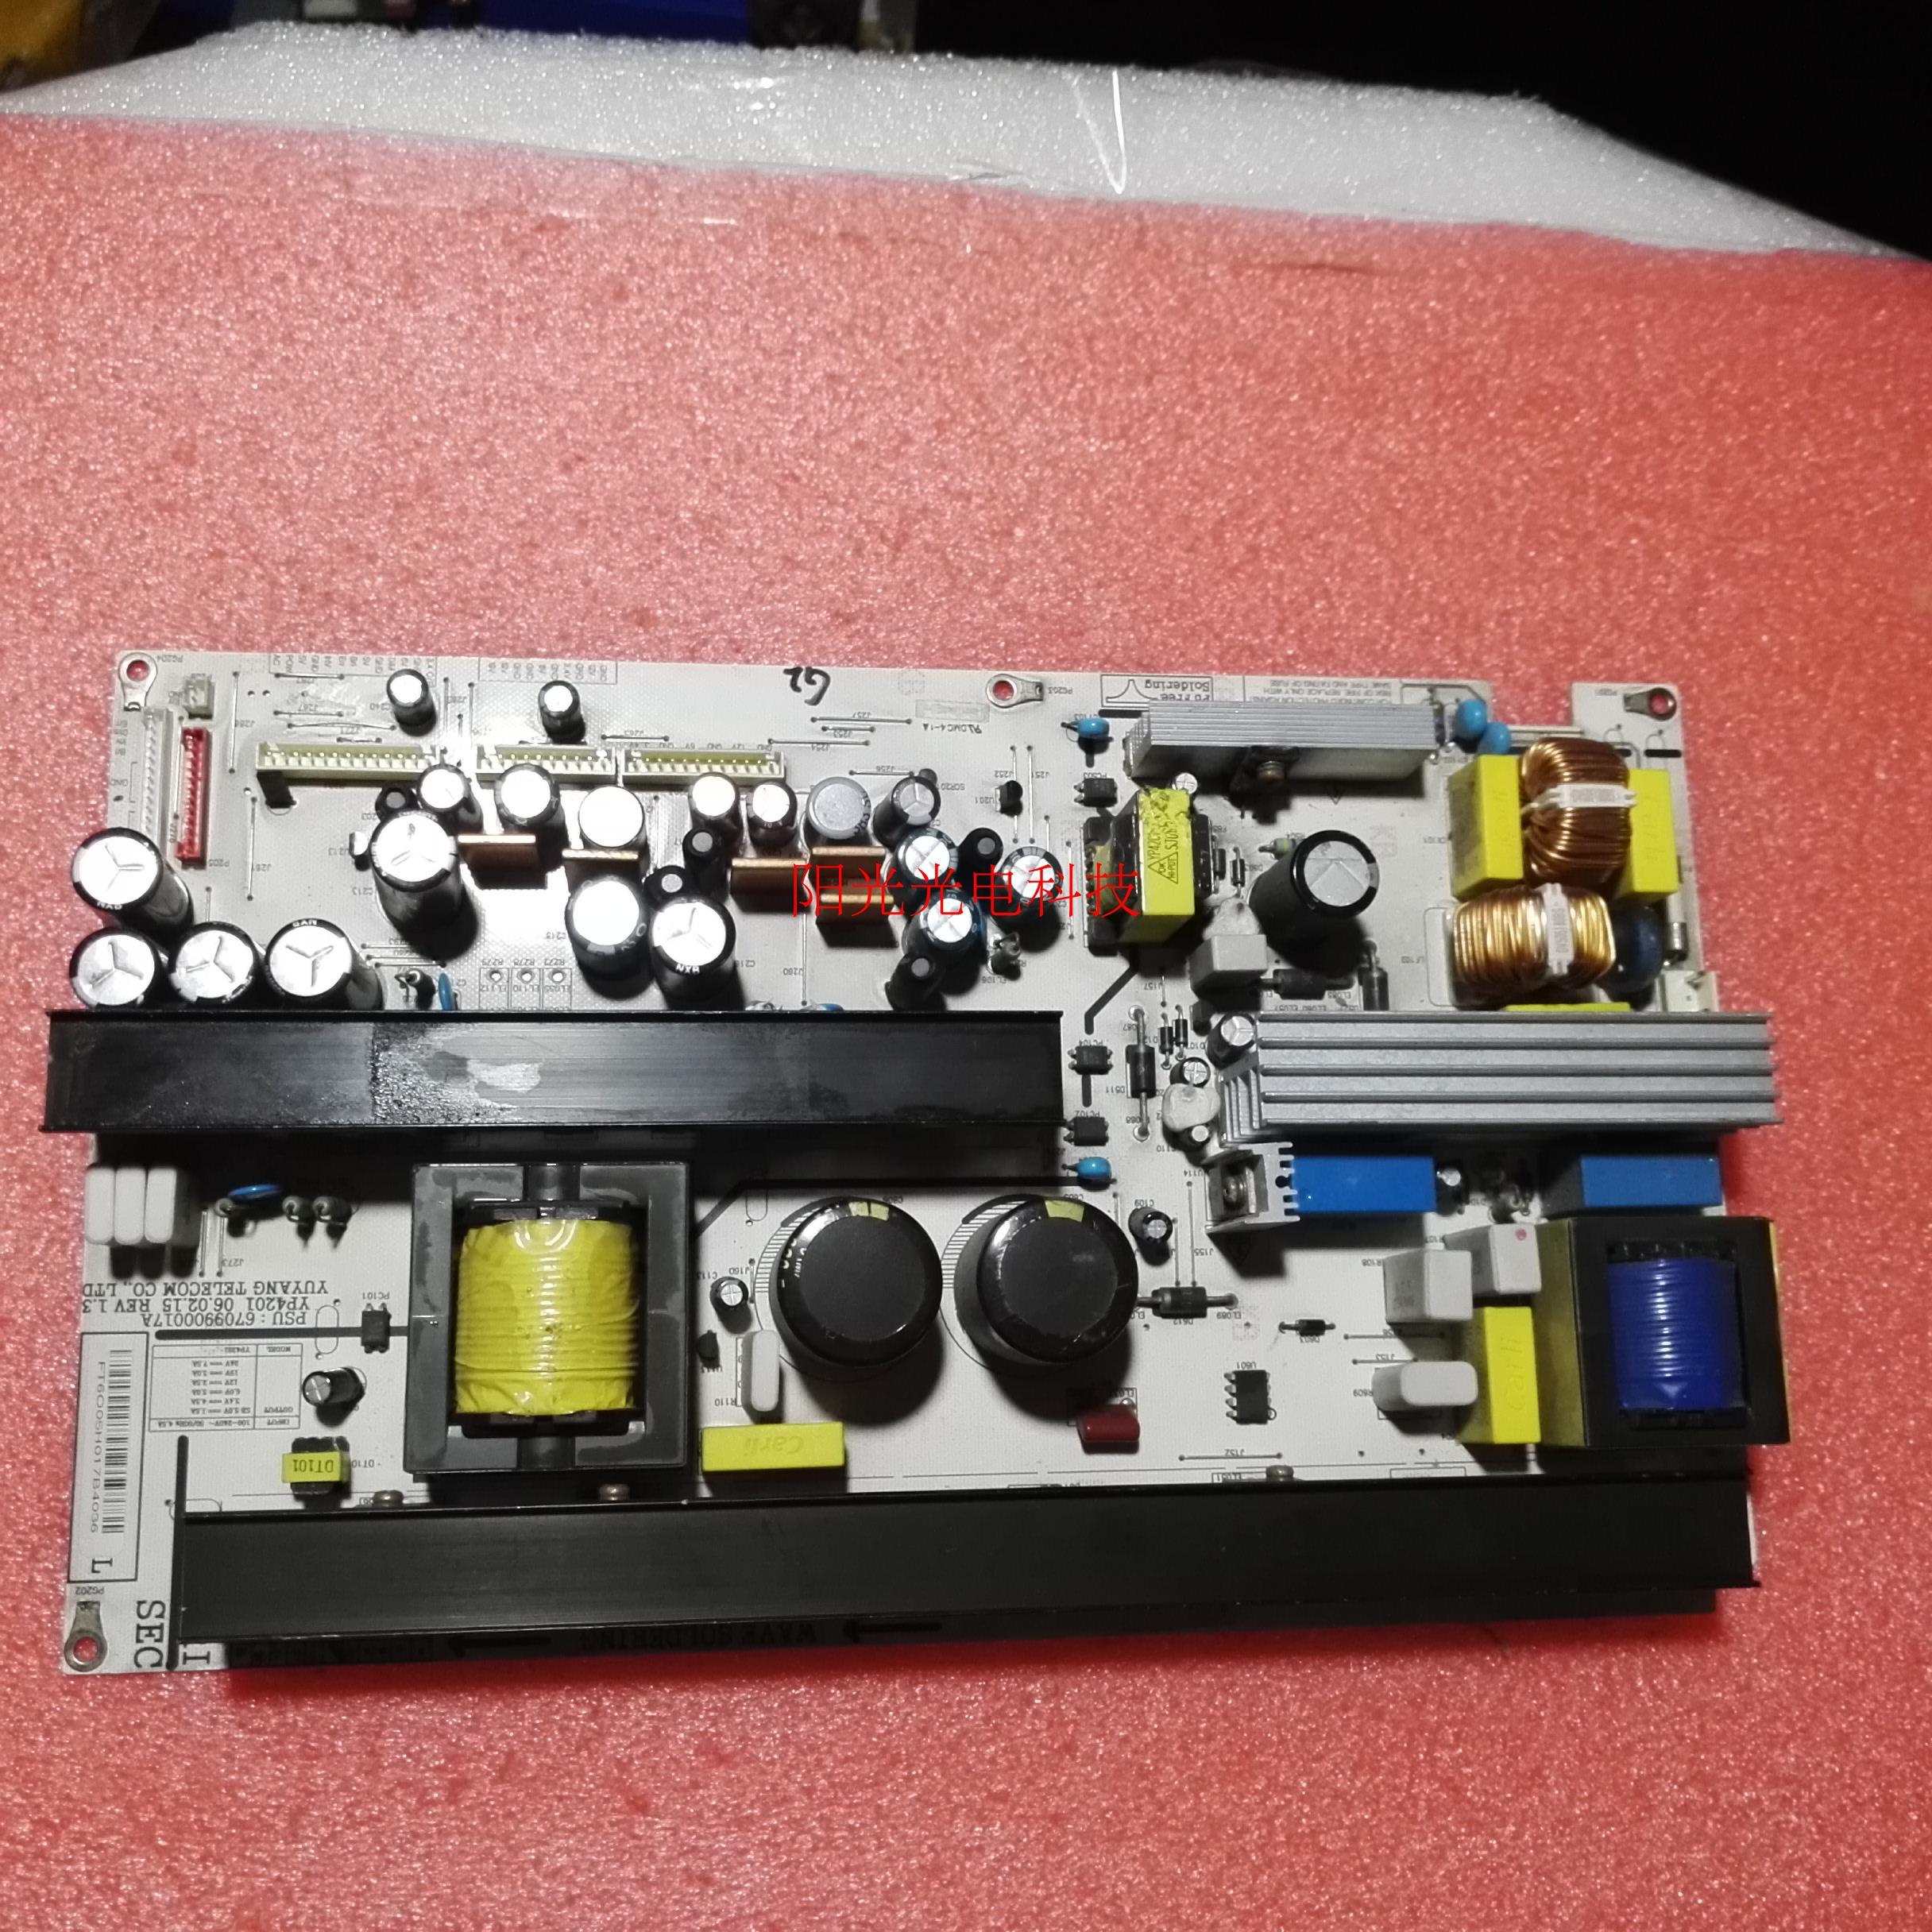 LG42LC2RR-CL LCD - TV - Ersatz - Power Board 6709900017AYP4201 nicht